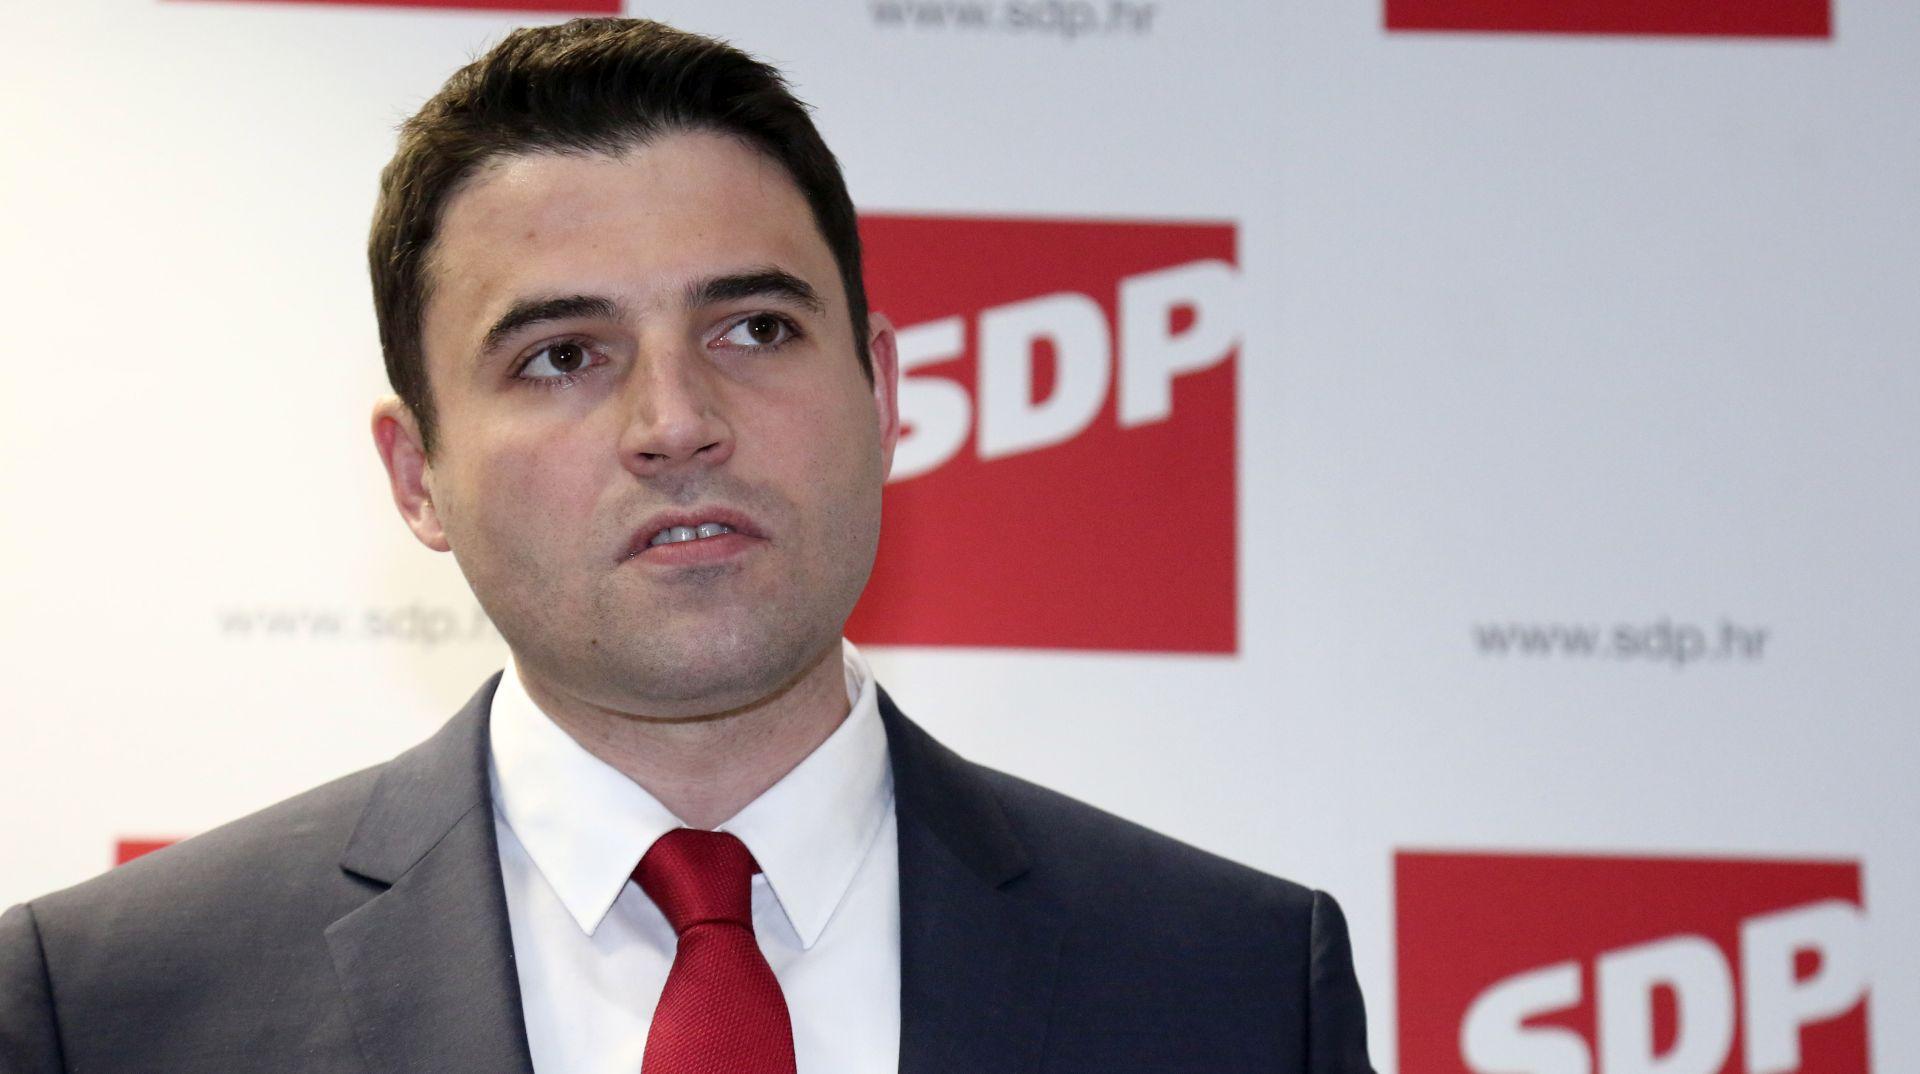 PREDSJEDNIŠTVO SDP-A 'Ozbiljno razmatramo o inicijativi za opoziv ministara Marić i Dalić'